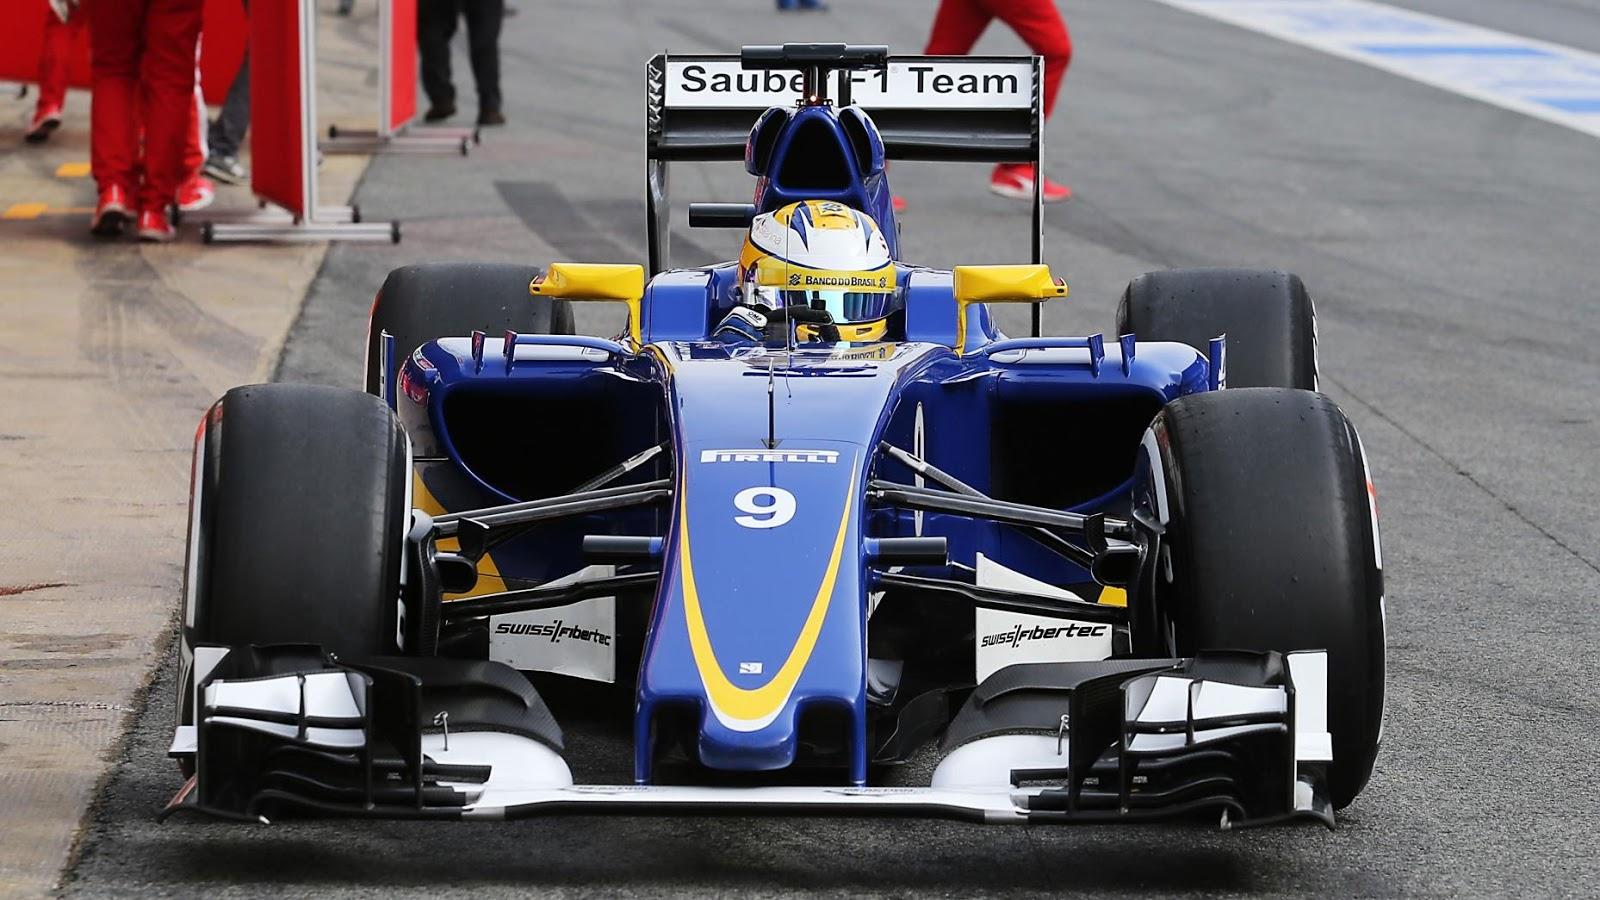 Sauber F1 – C35